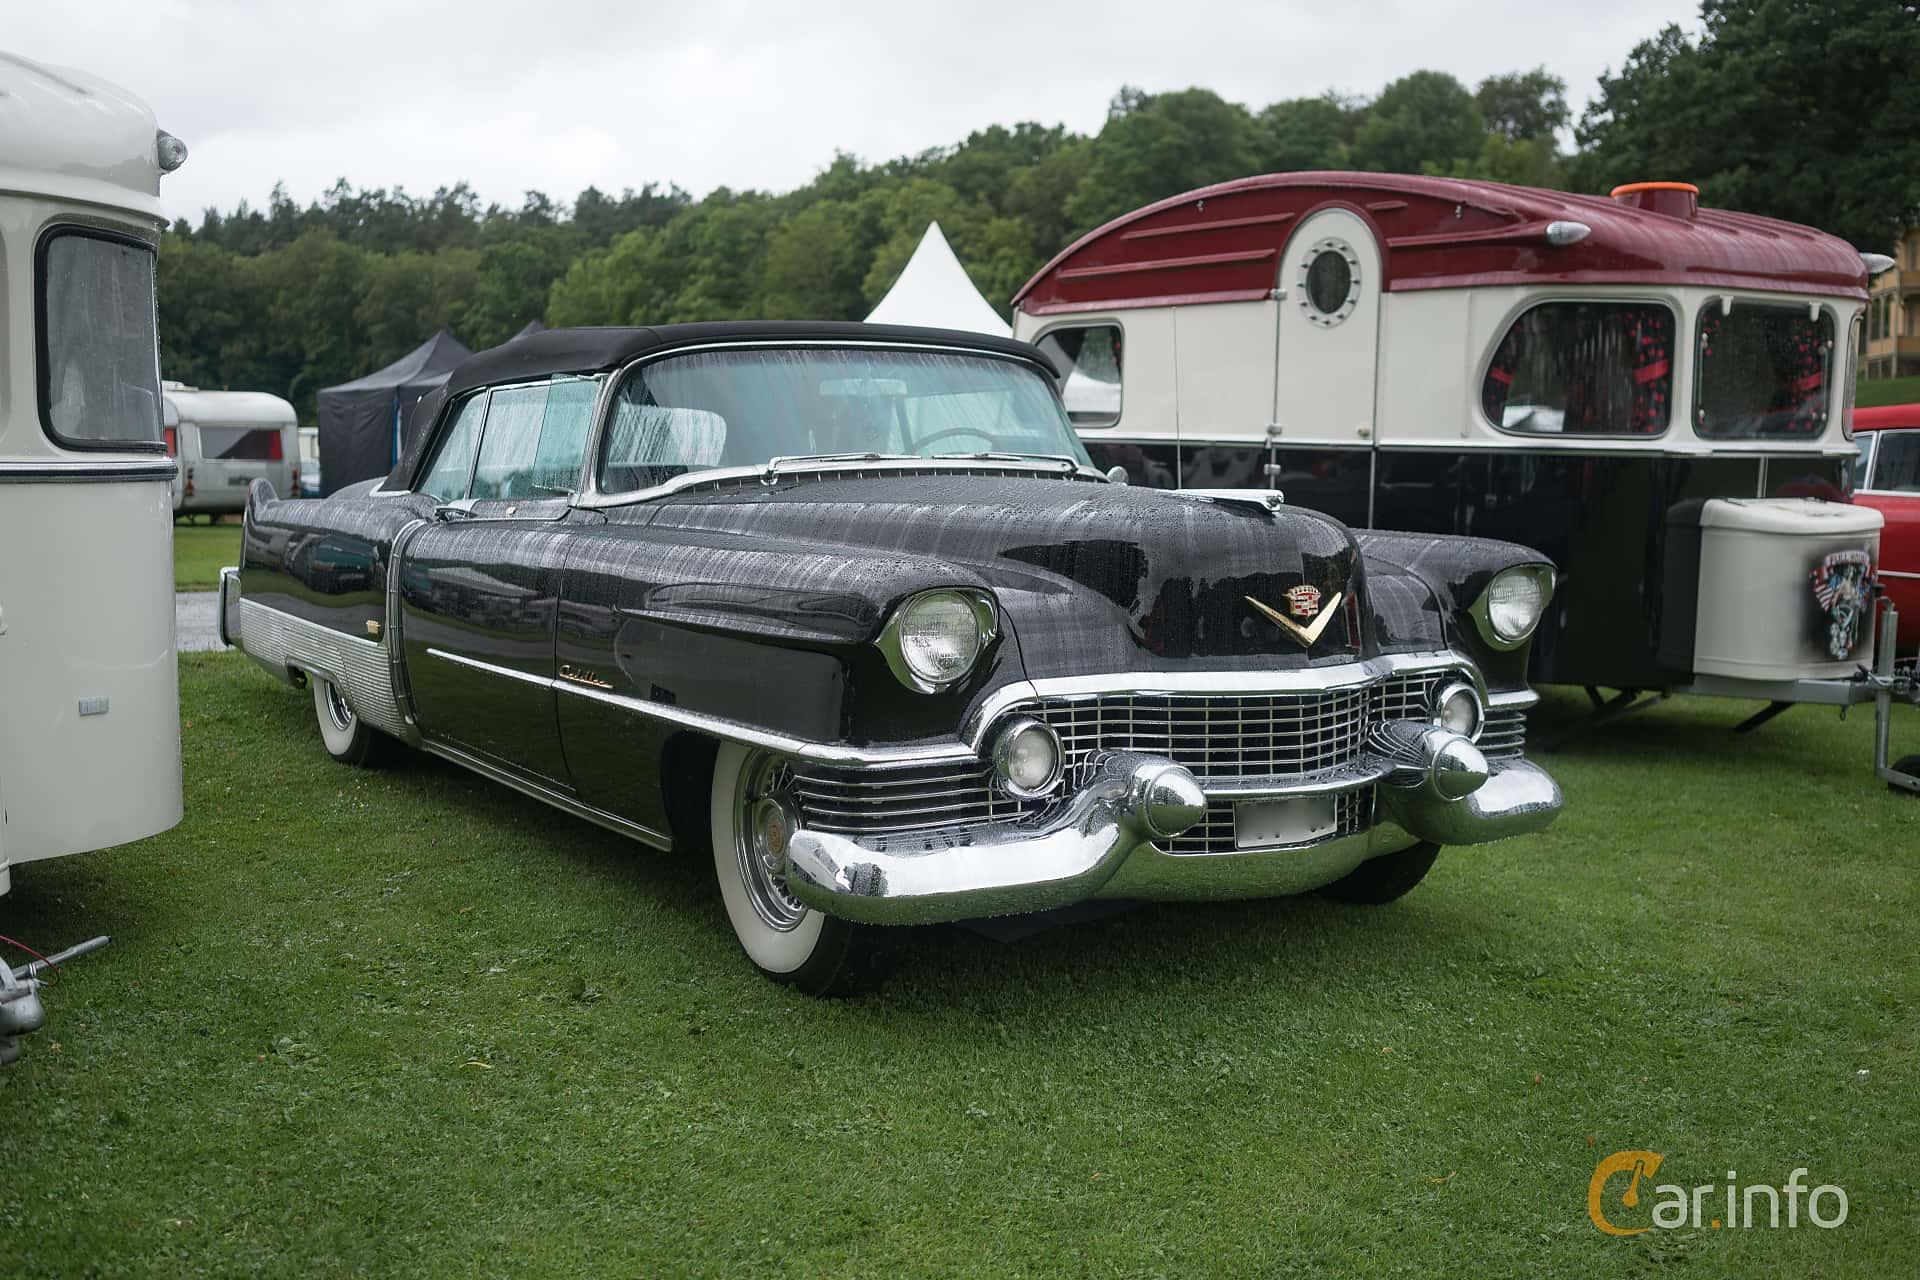 1 Images Of Cadillac Eldorado 54 V8 Hydra Matic 233hp 1954 By El Dorado Front Side 233ps At